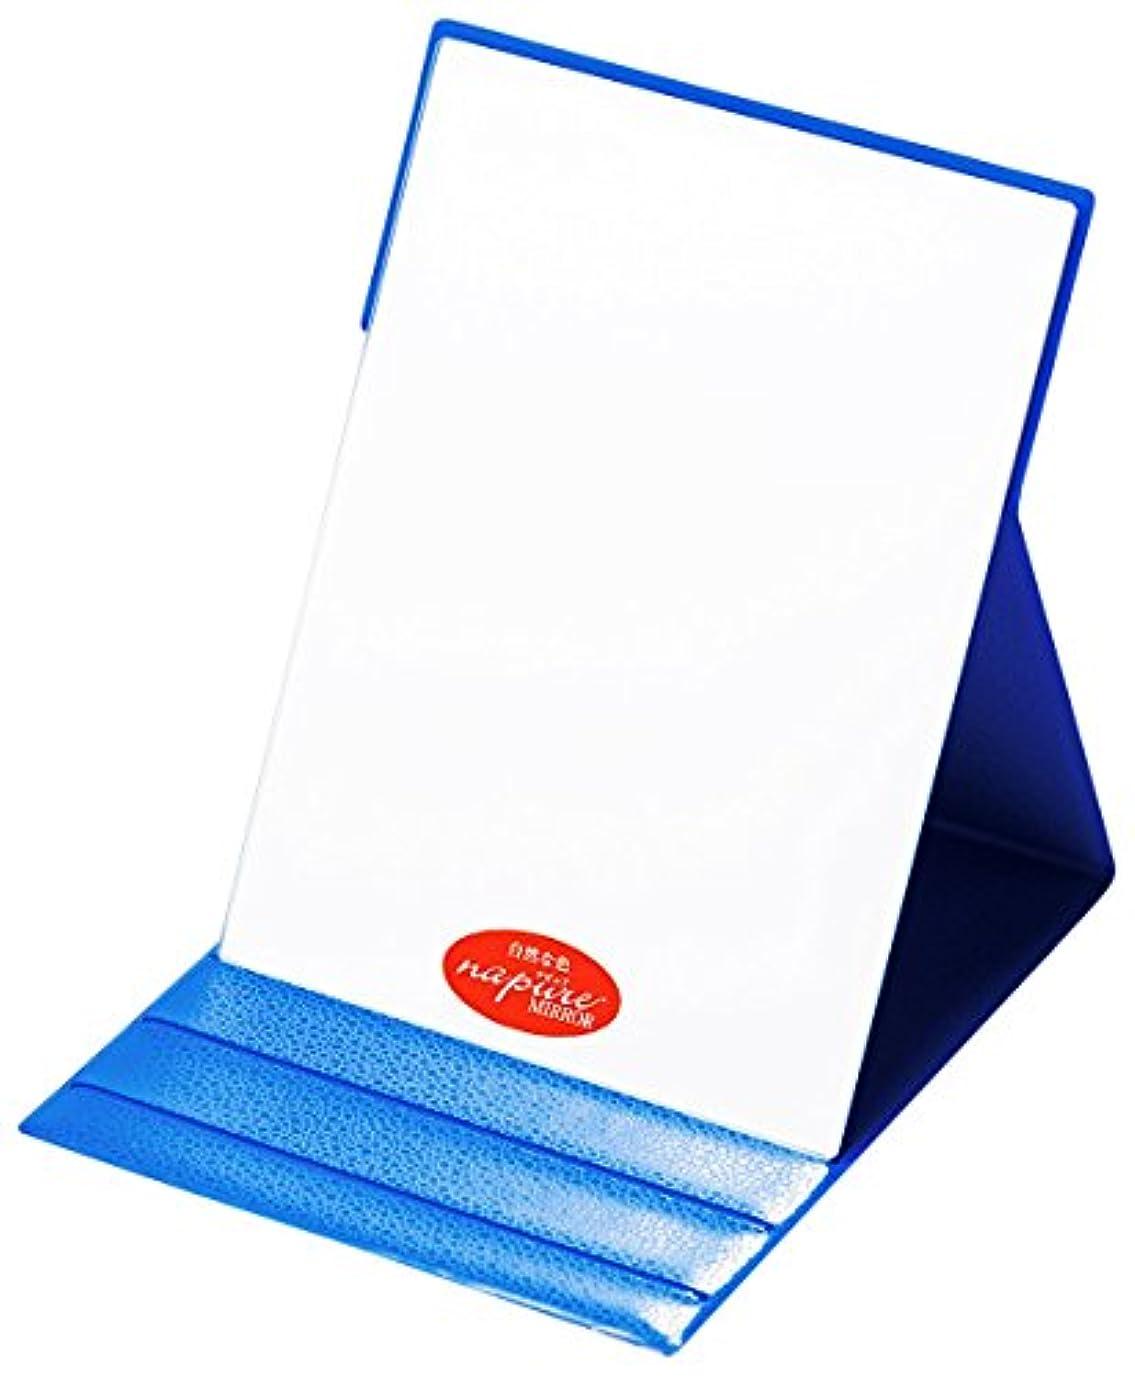 呼ぶデジタル性的堀内鏡工業 キットソン×ナピュア折立ミラー M ブルー